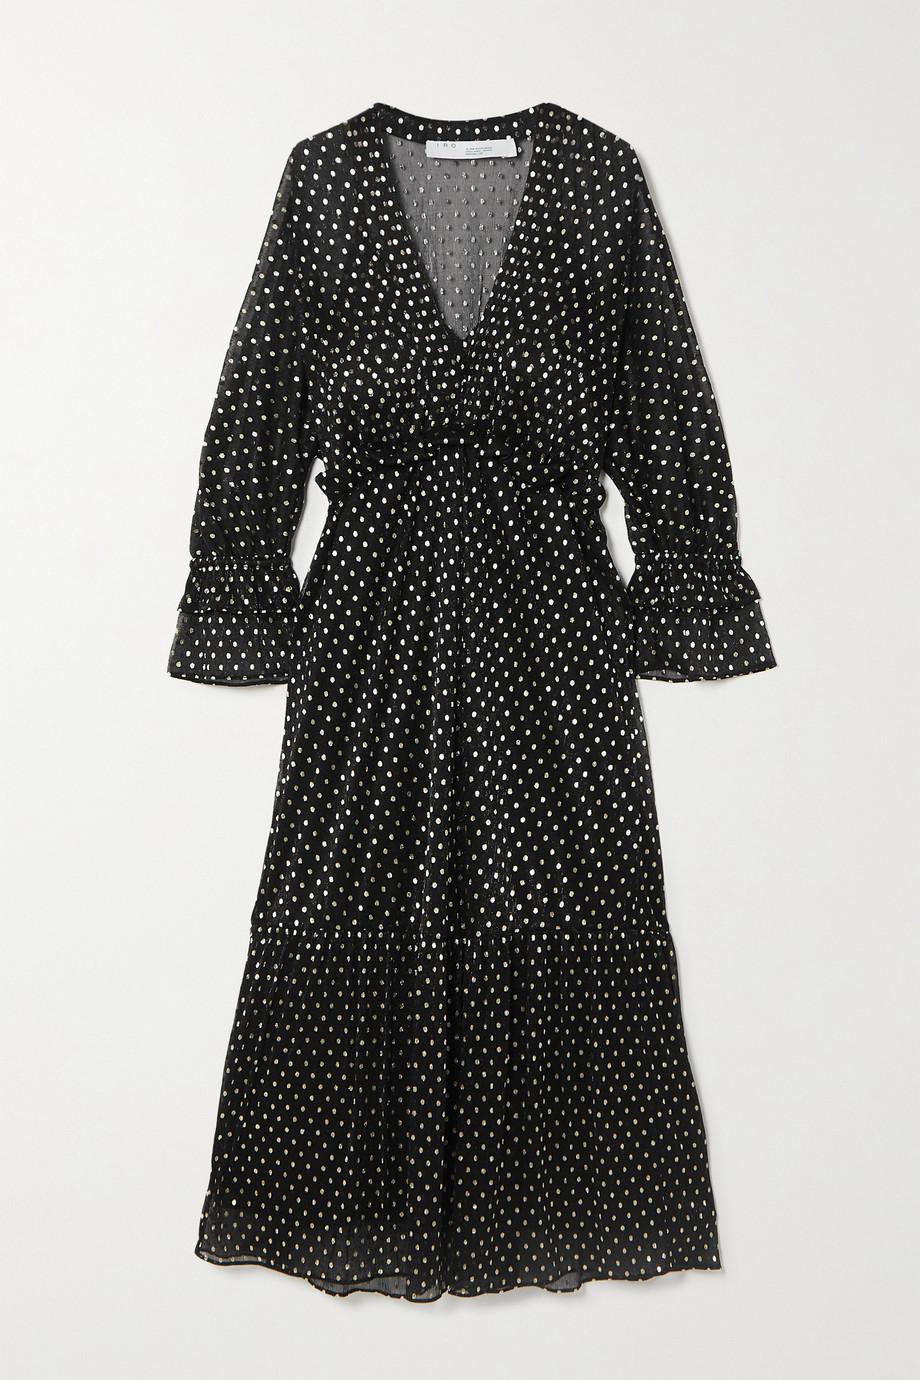 IRO Mawson 荷叶边波点刺绣提花雪纺绸中长连衣裙